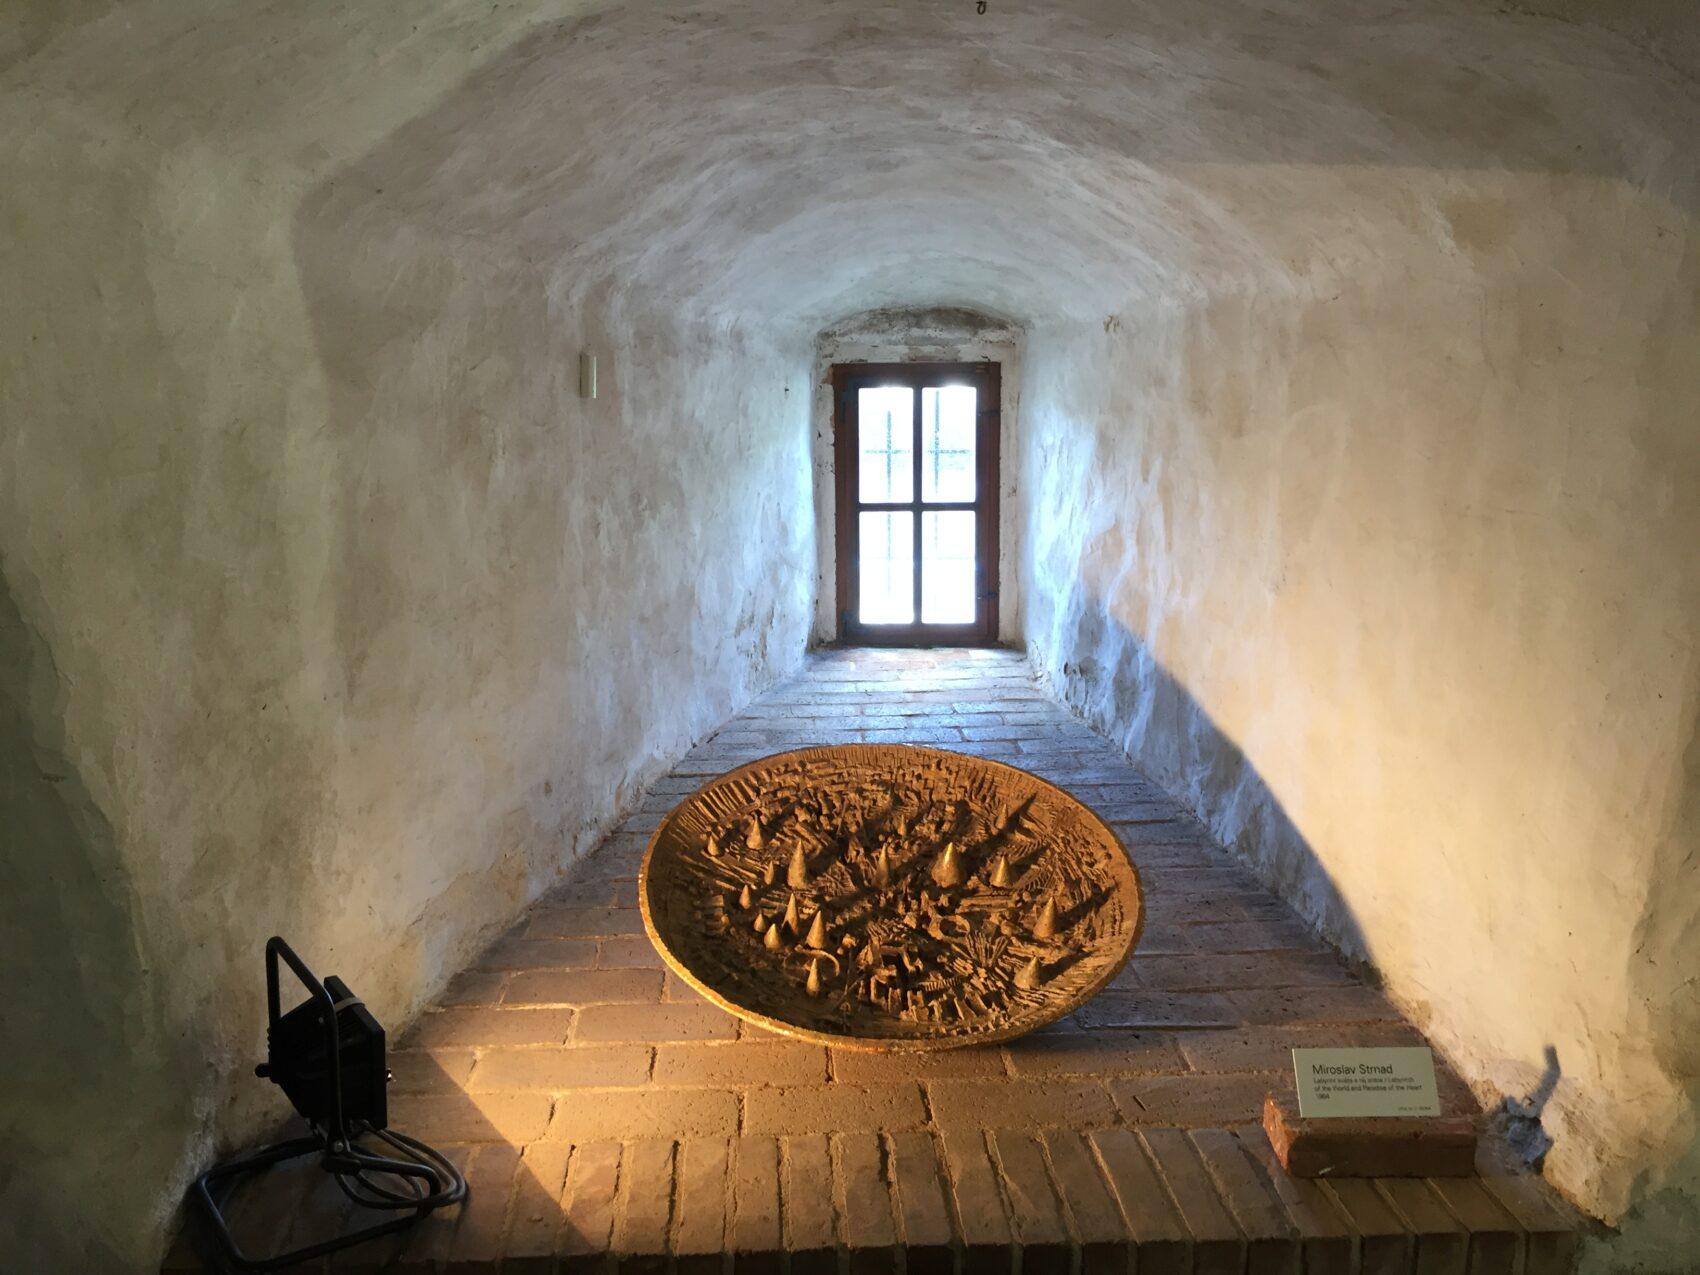 Keramická mísa v podzemí